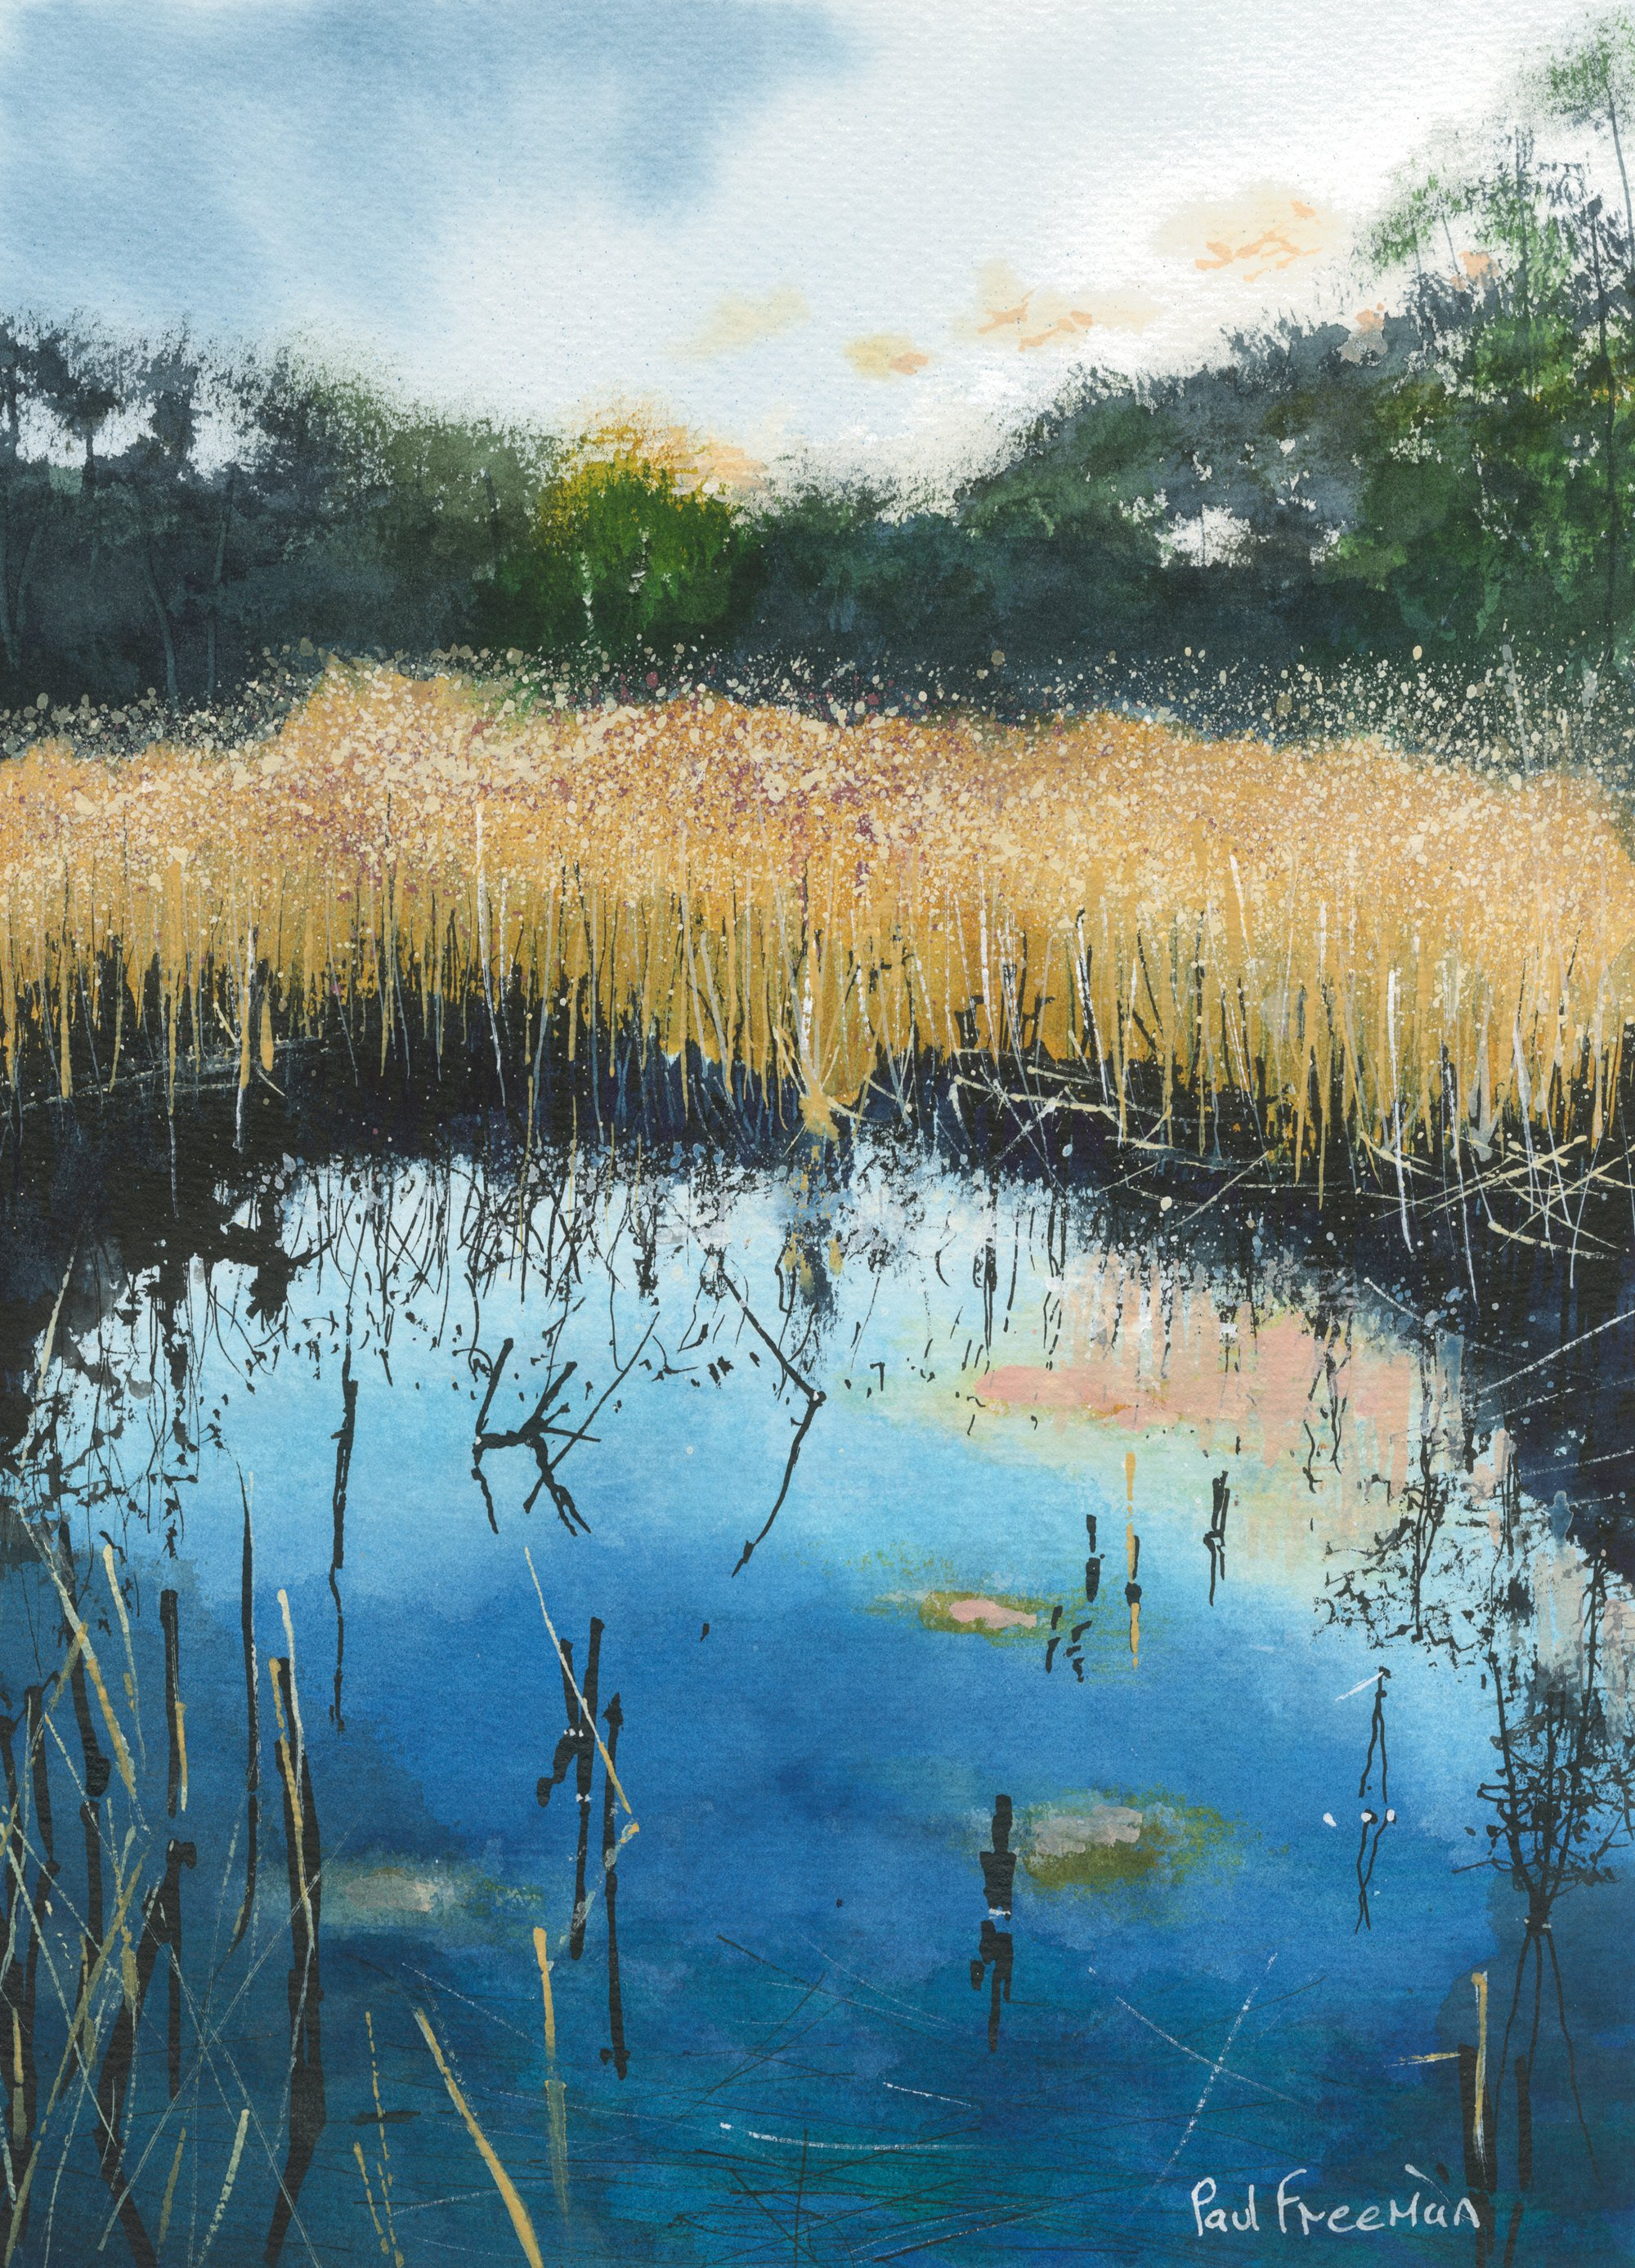 A little Known pond Original Landscape Art